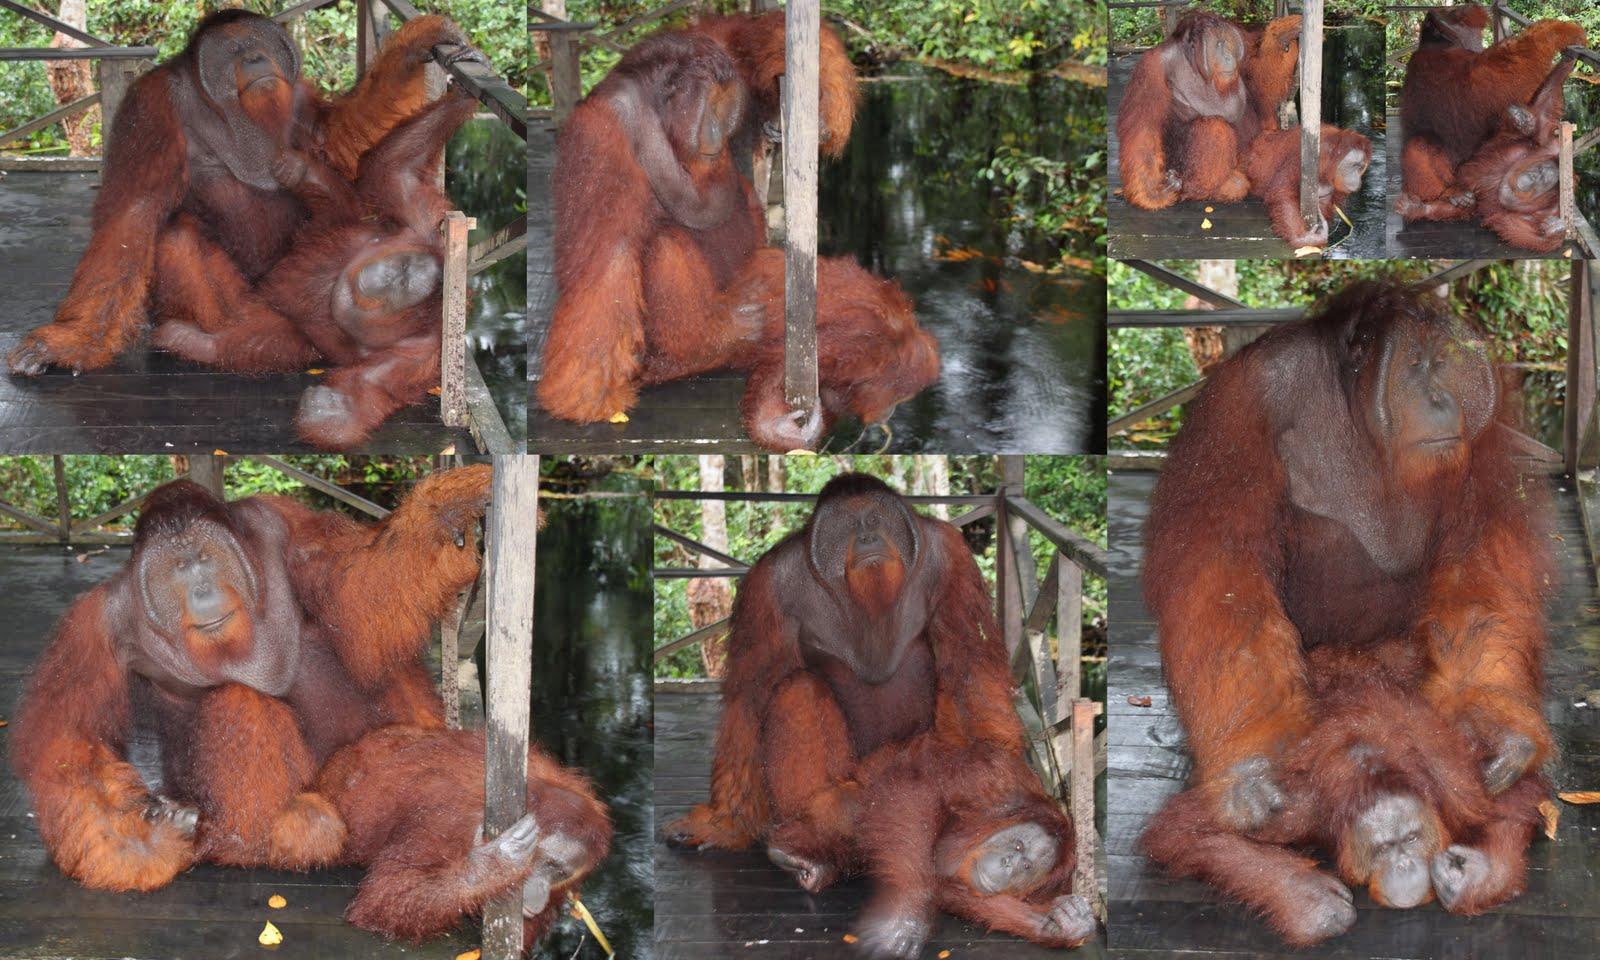 Site chica desnuda cam elephant live webcam sex picture 62